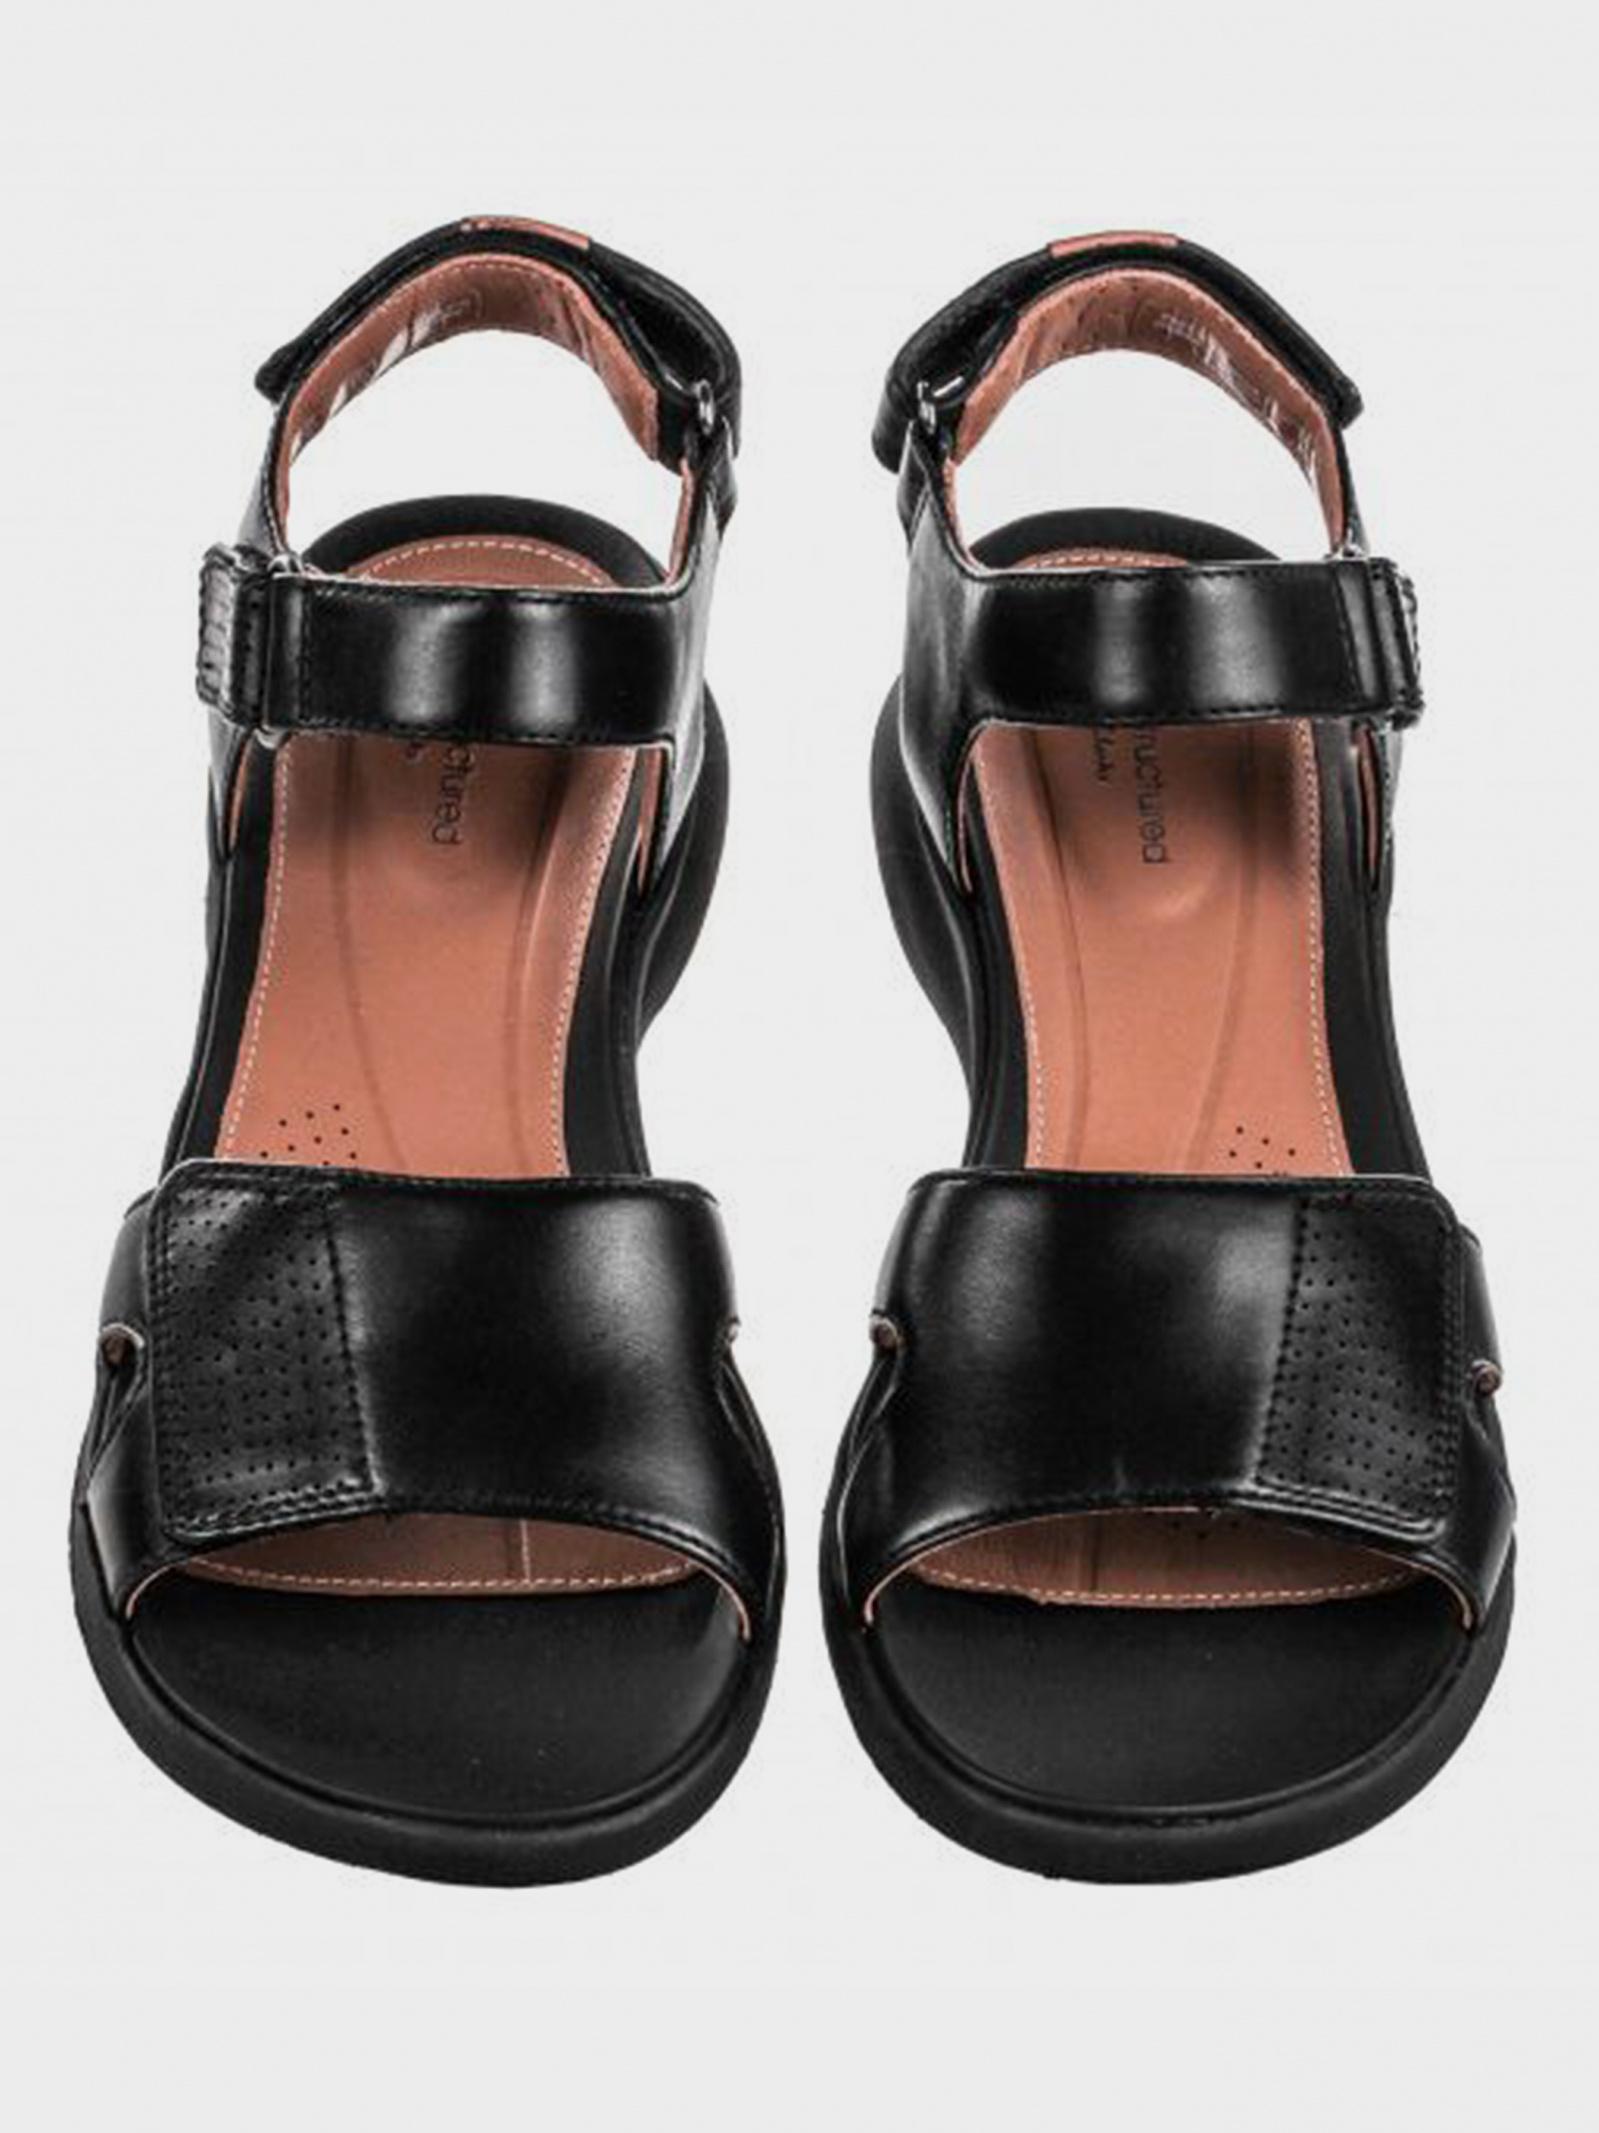 Босоніжки  для жінок Clarks Un Adorn Calm 2614-1712 брендове взуття, 2017